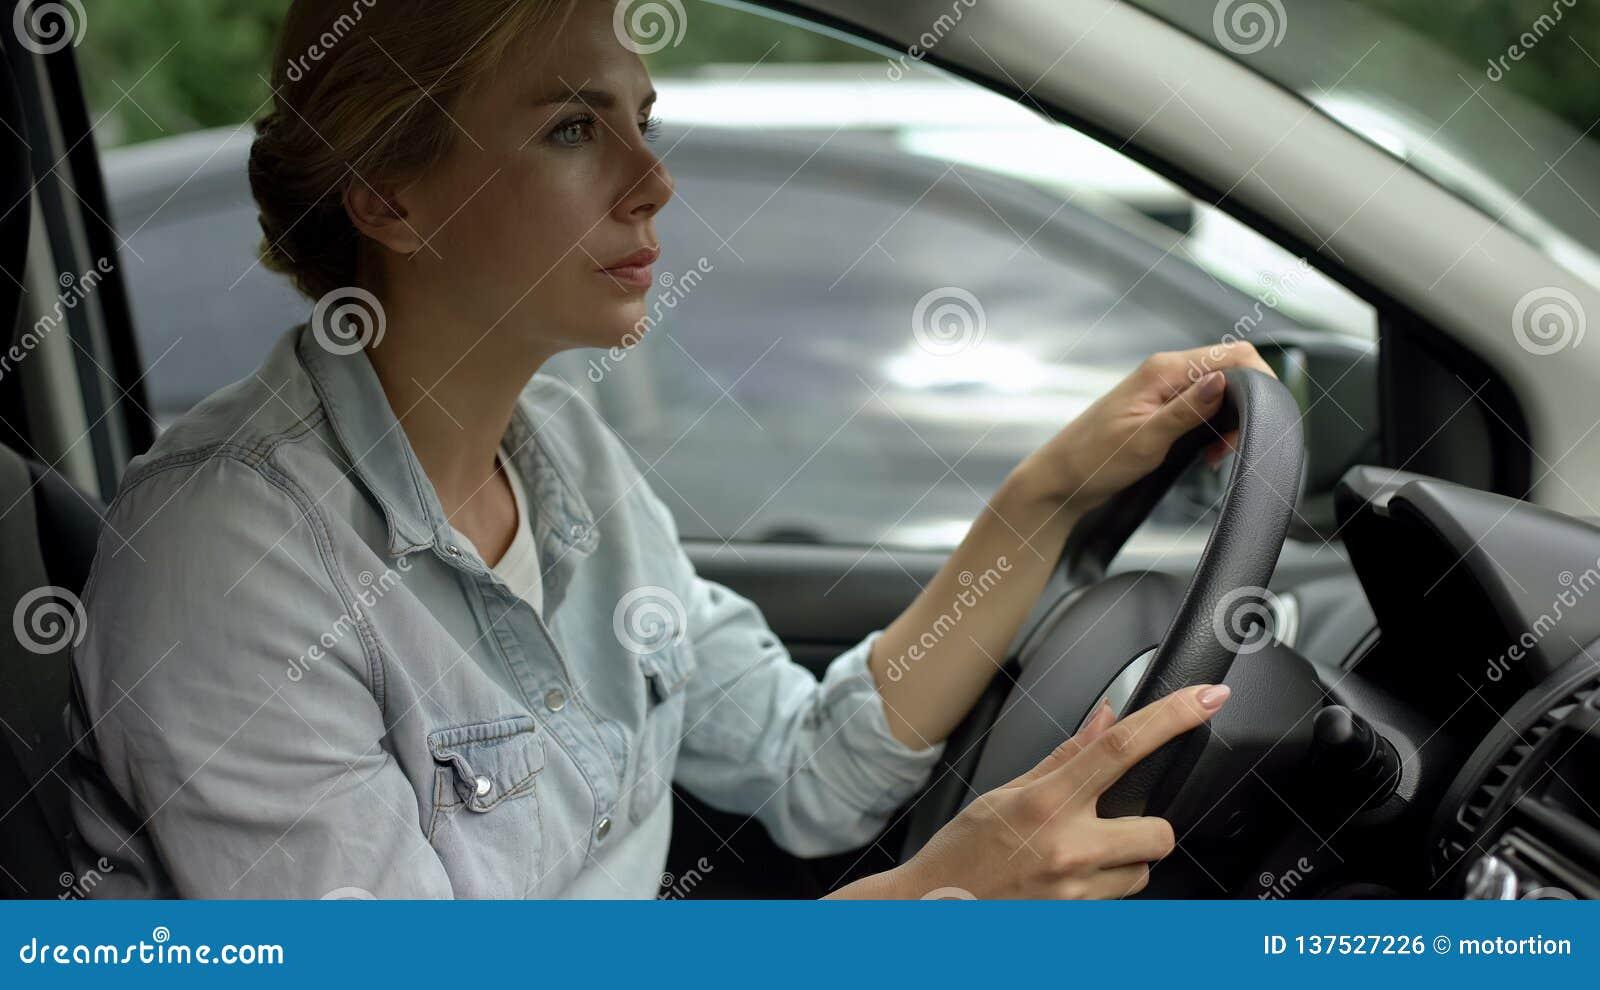 Donna Unbelted che determina automobile, rischio di incidente, il codice stradale ed i regolamenti